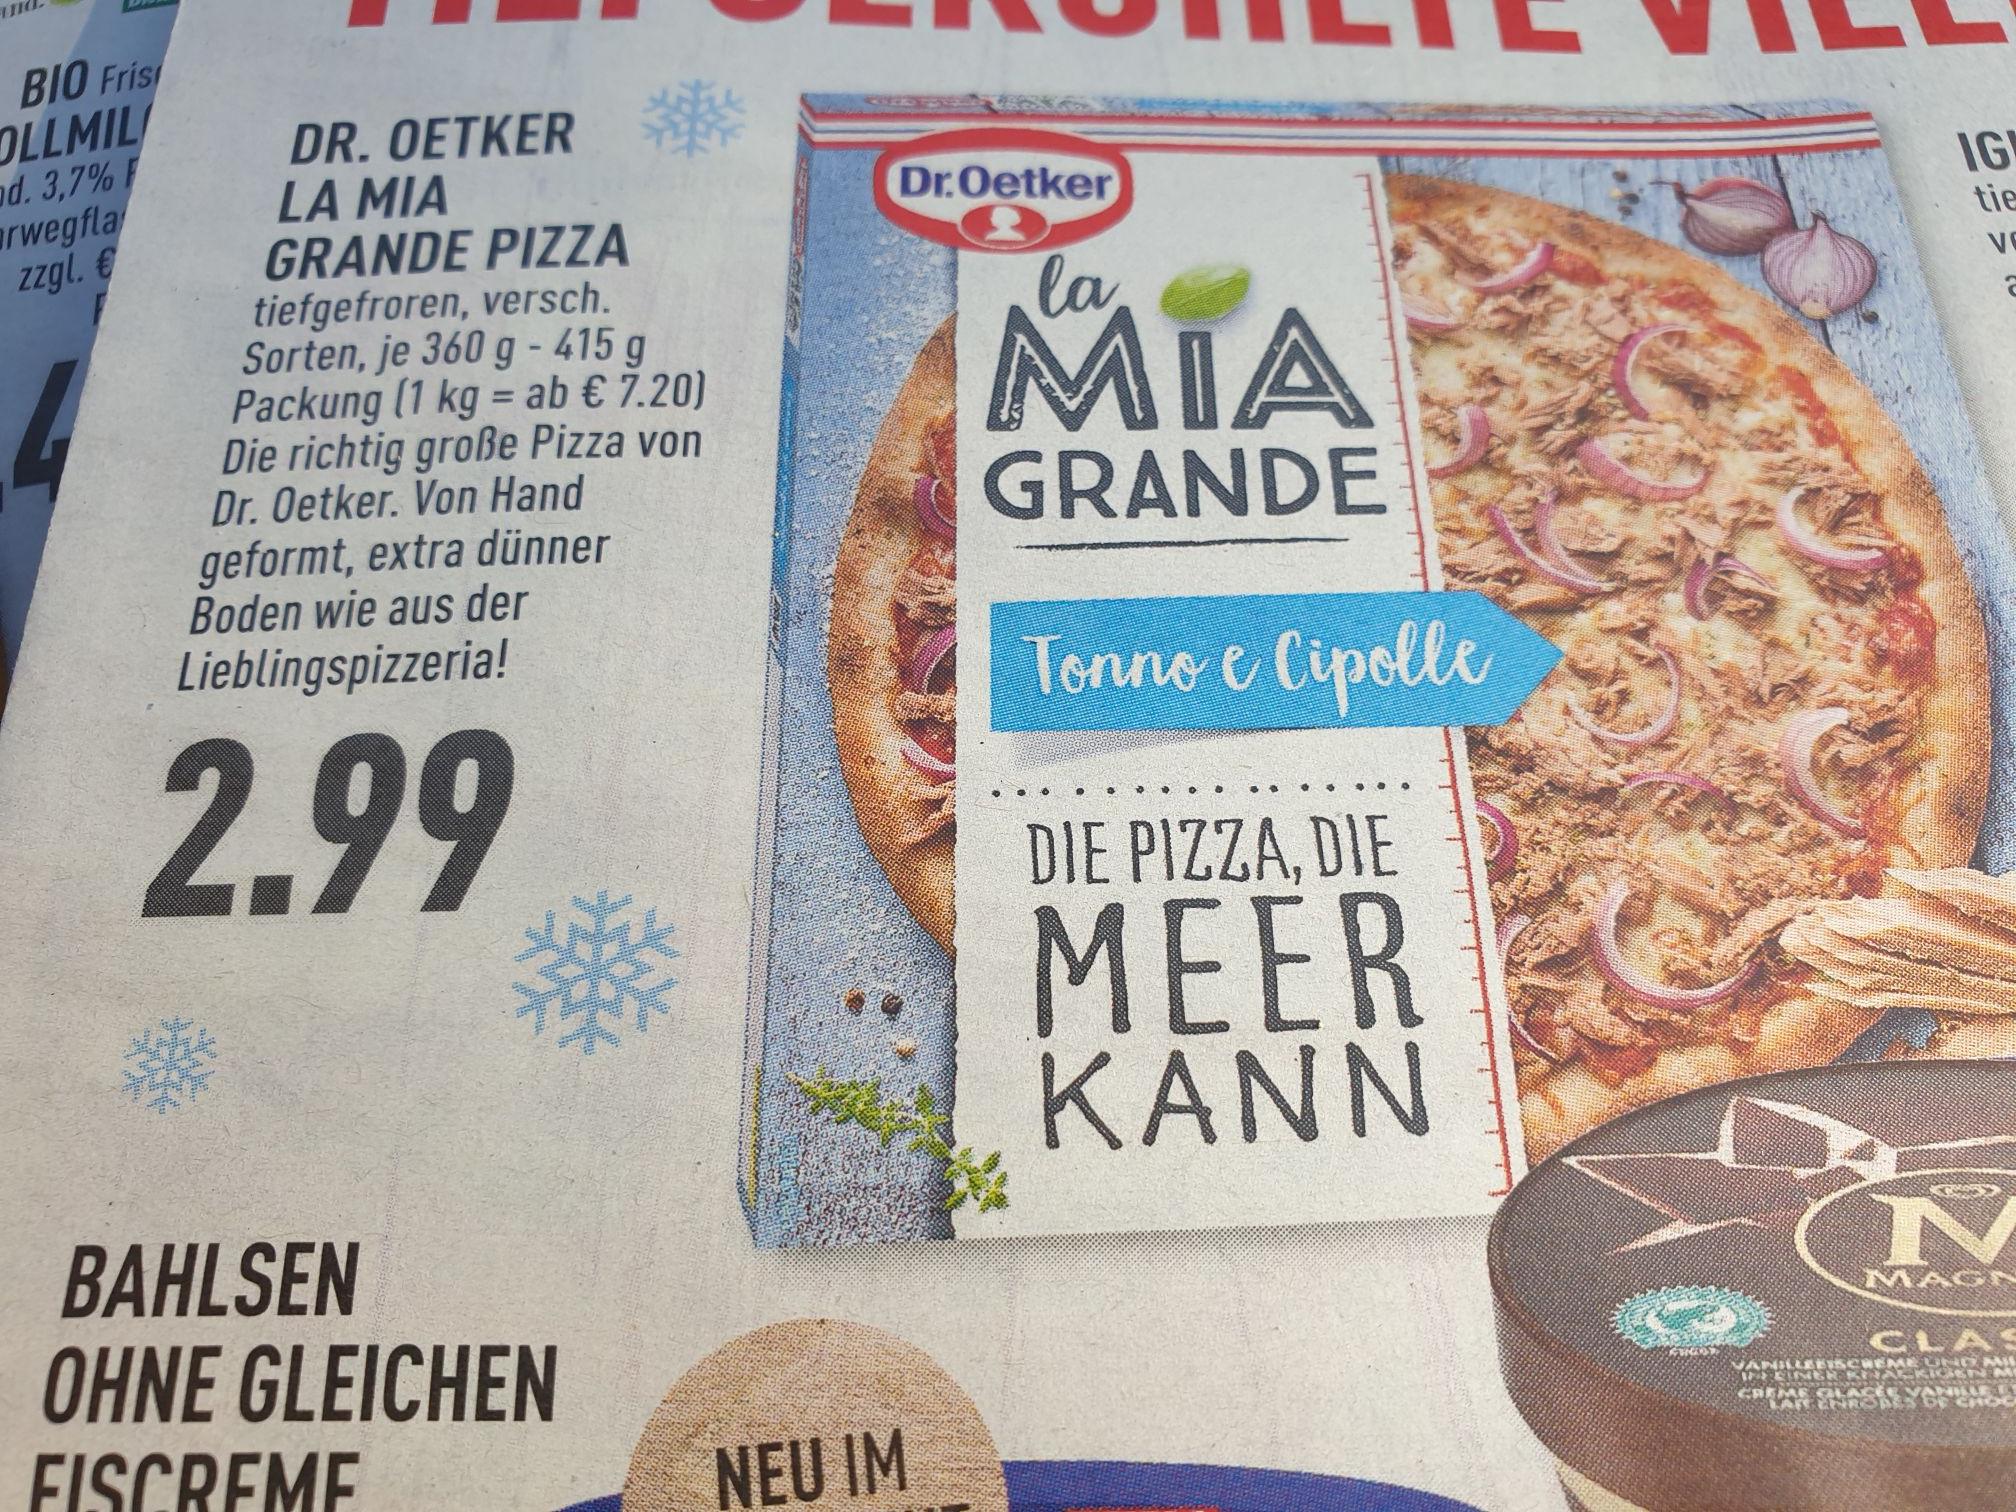 (Lokal Marktkauf NRW  evtl. bundesweit) Pizza Dr. Oetker  La Mia Grande verschiedene Sorten für 2,99€